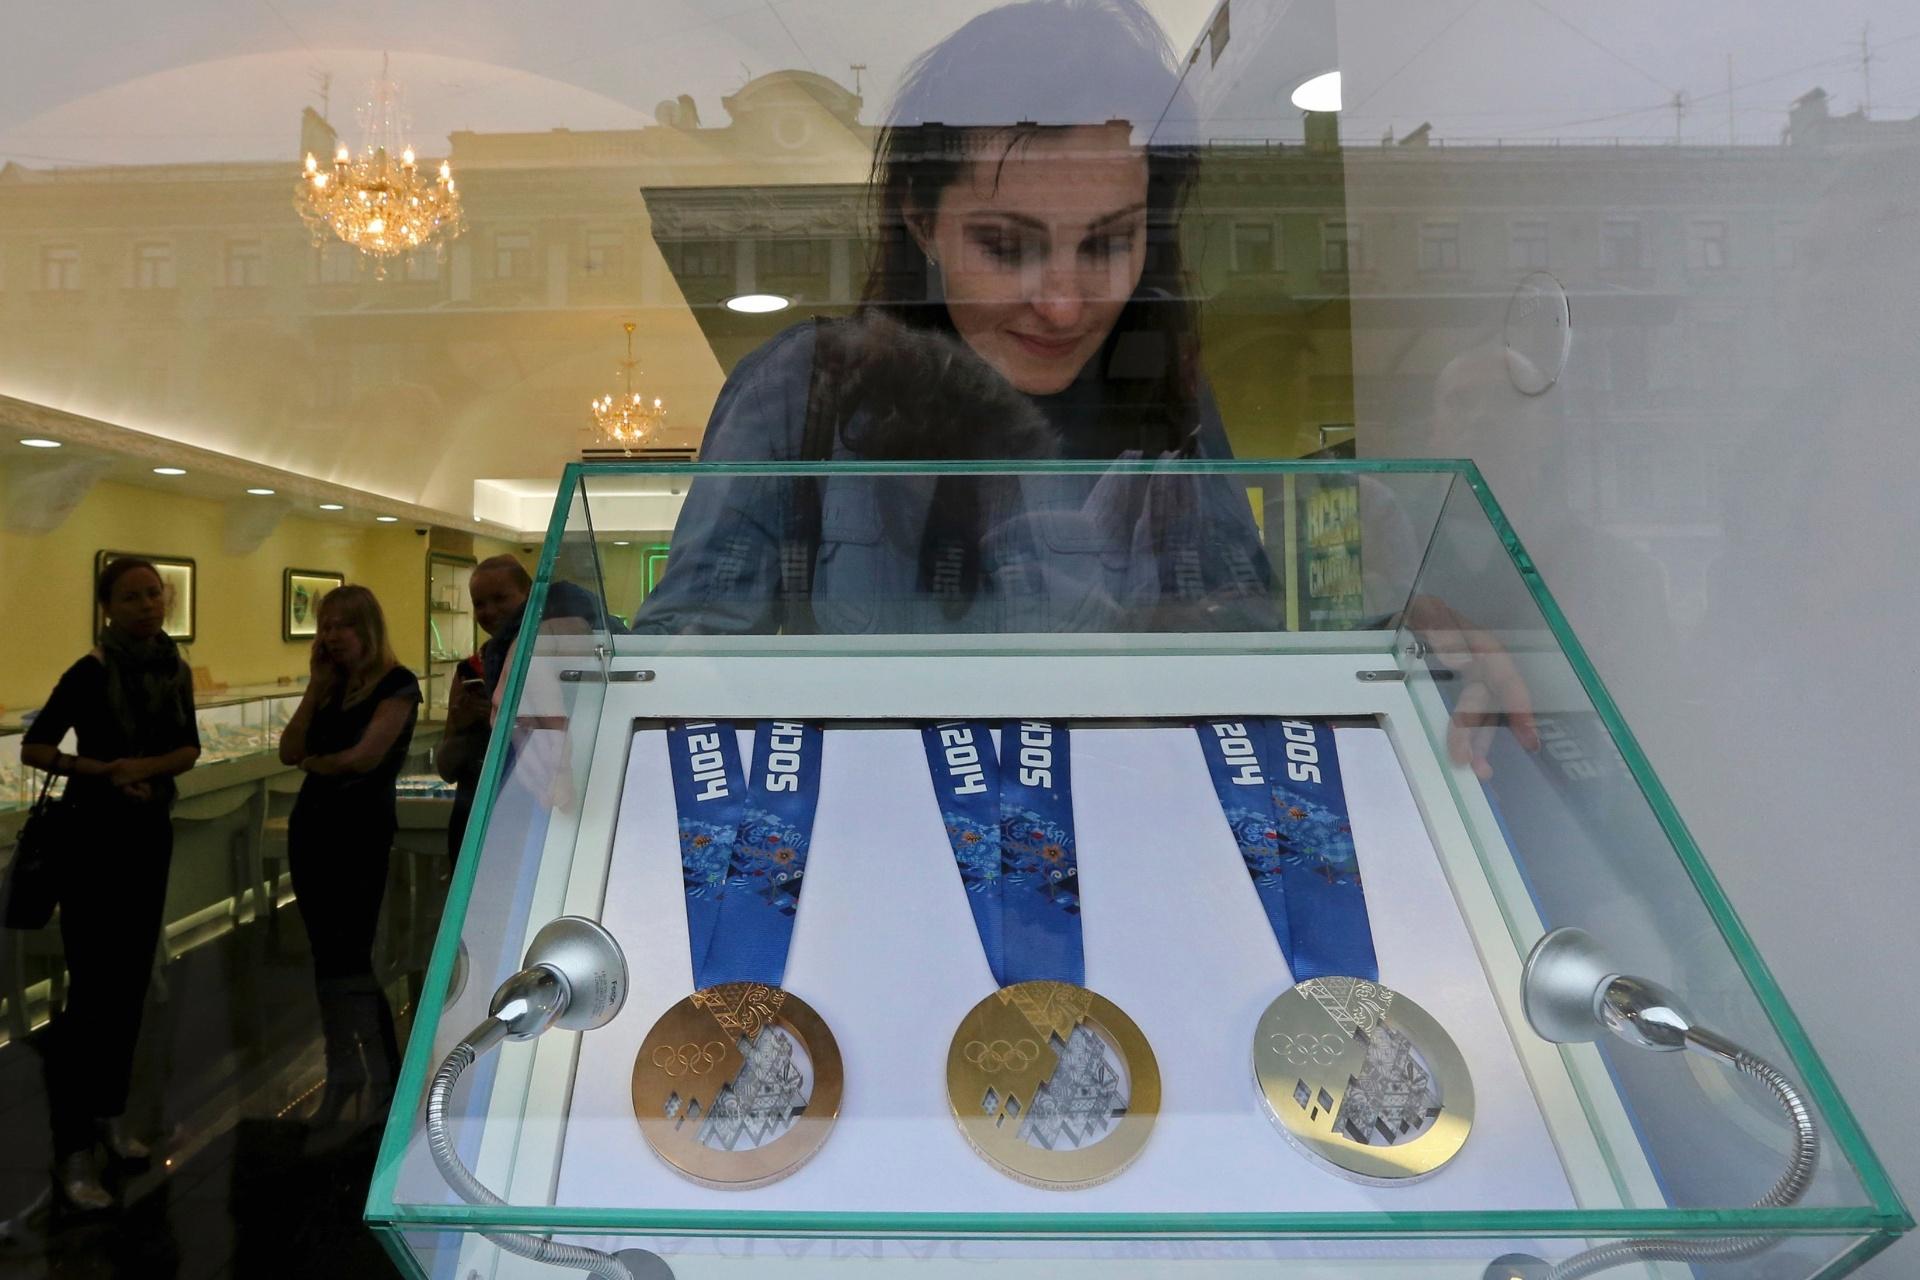 19.set.2013 - As medalhas de ouro, prata e bronze que serão distribuídas aos atletas nos Jogos Olímpicos de Inverno de Sochi, em 2014, foram expostas ao público pela primeira vez nesta quinta-feira em uma joalheria de São Petersburgo (Rússia)